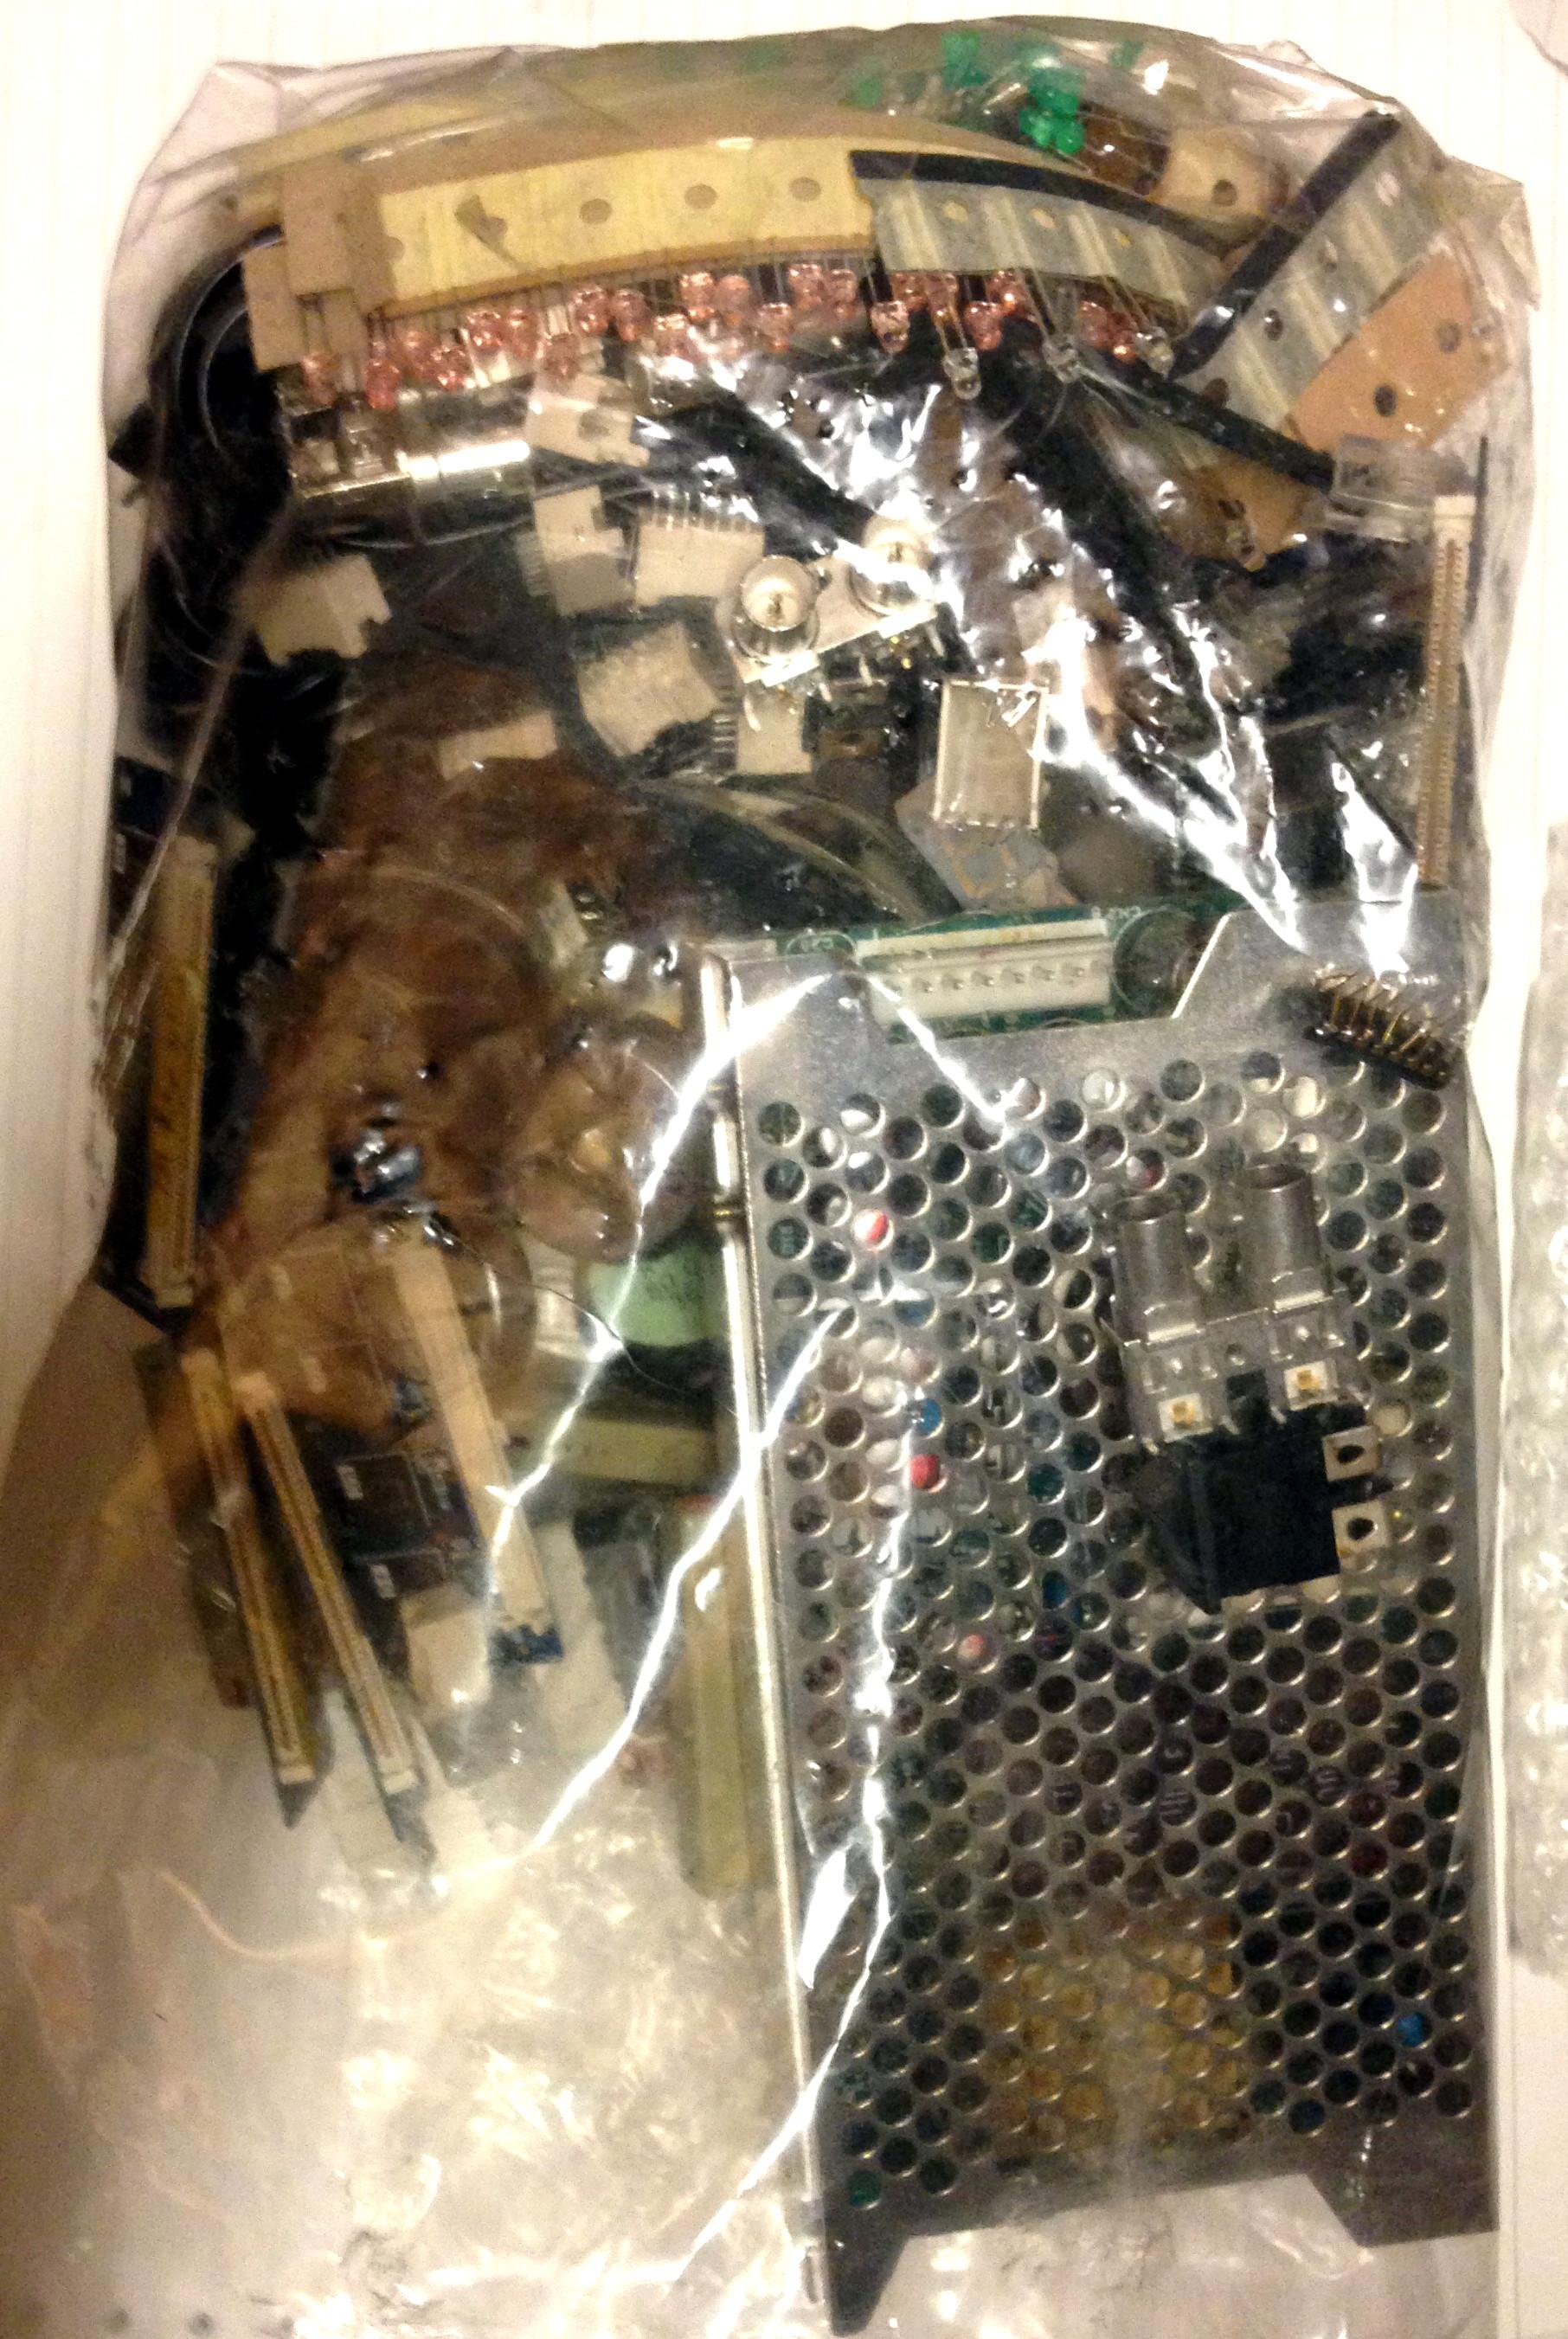 無気力ジャンカーのブログ2014年10月[購入備忘録]レガシーから現行までなマルチメディア液晶 for ゲーミングラジオガァデンのジャンク袋